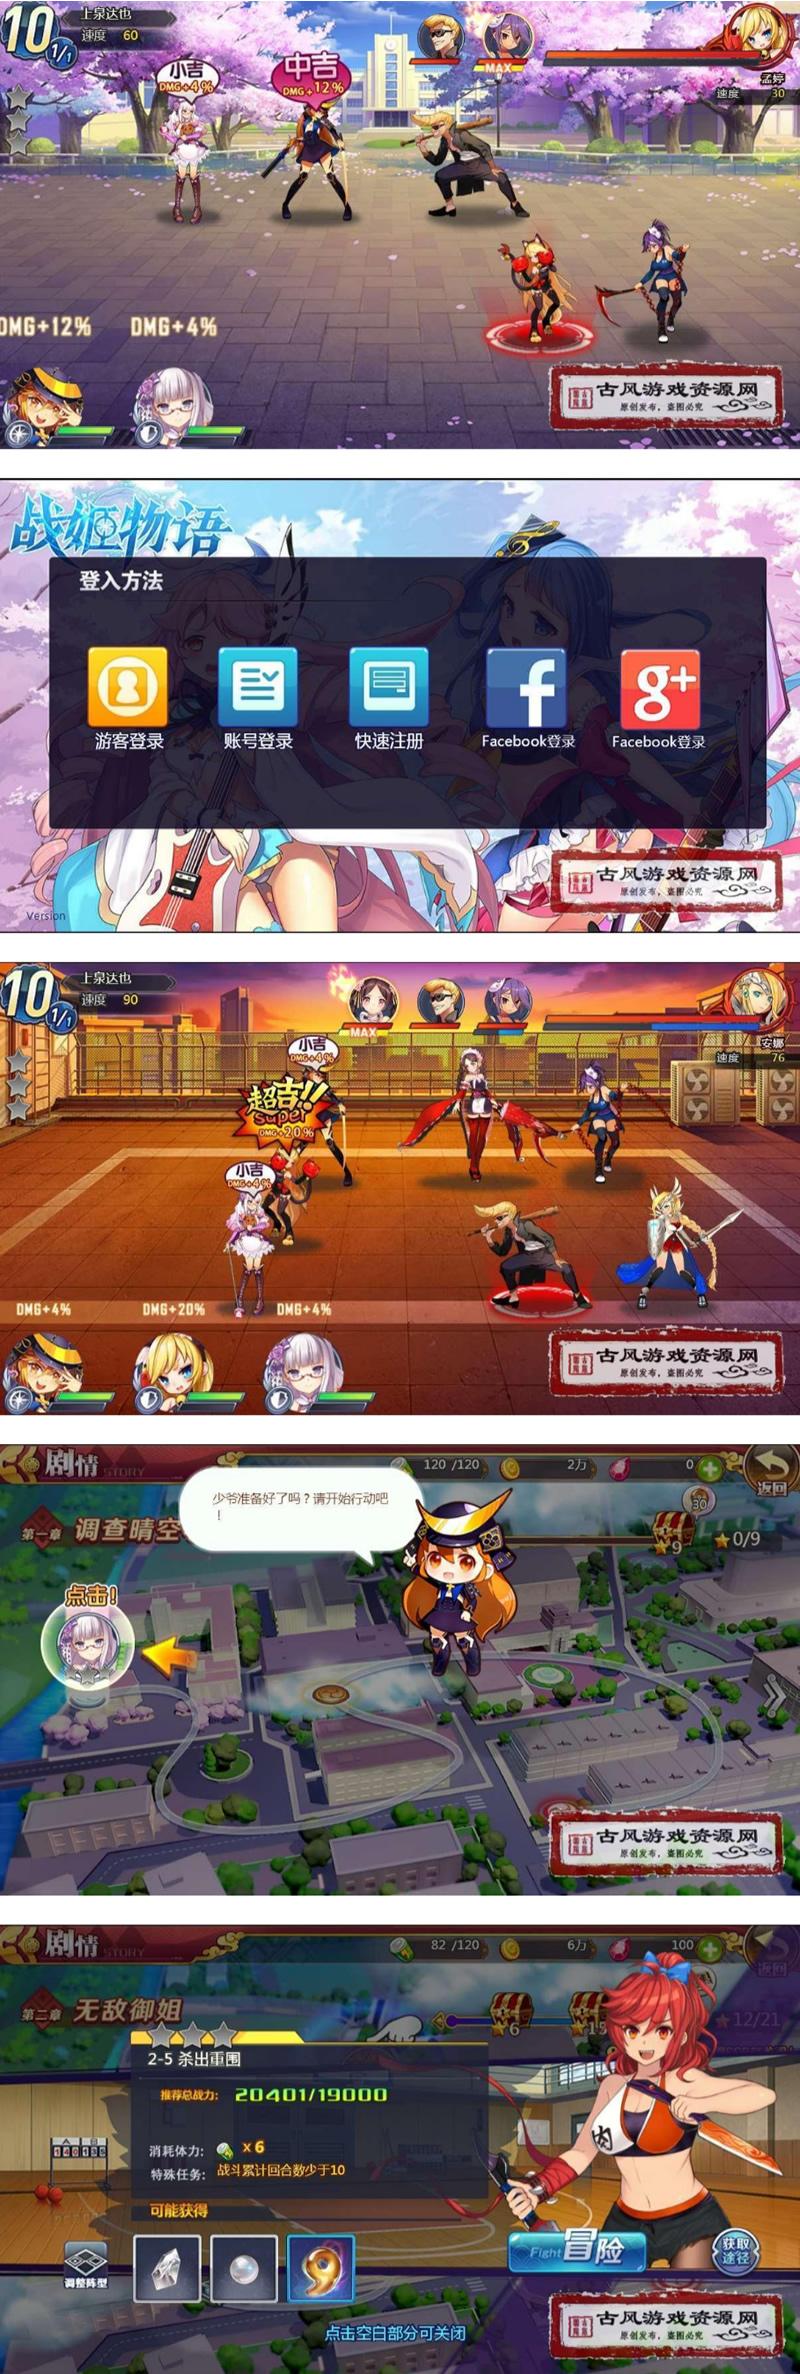 战姬物语H5版一键即玩游戏镜像端 带GM后台-爱资源分享